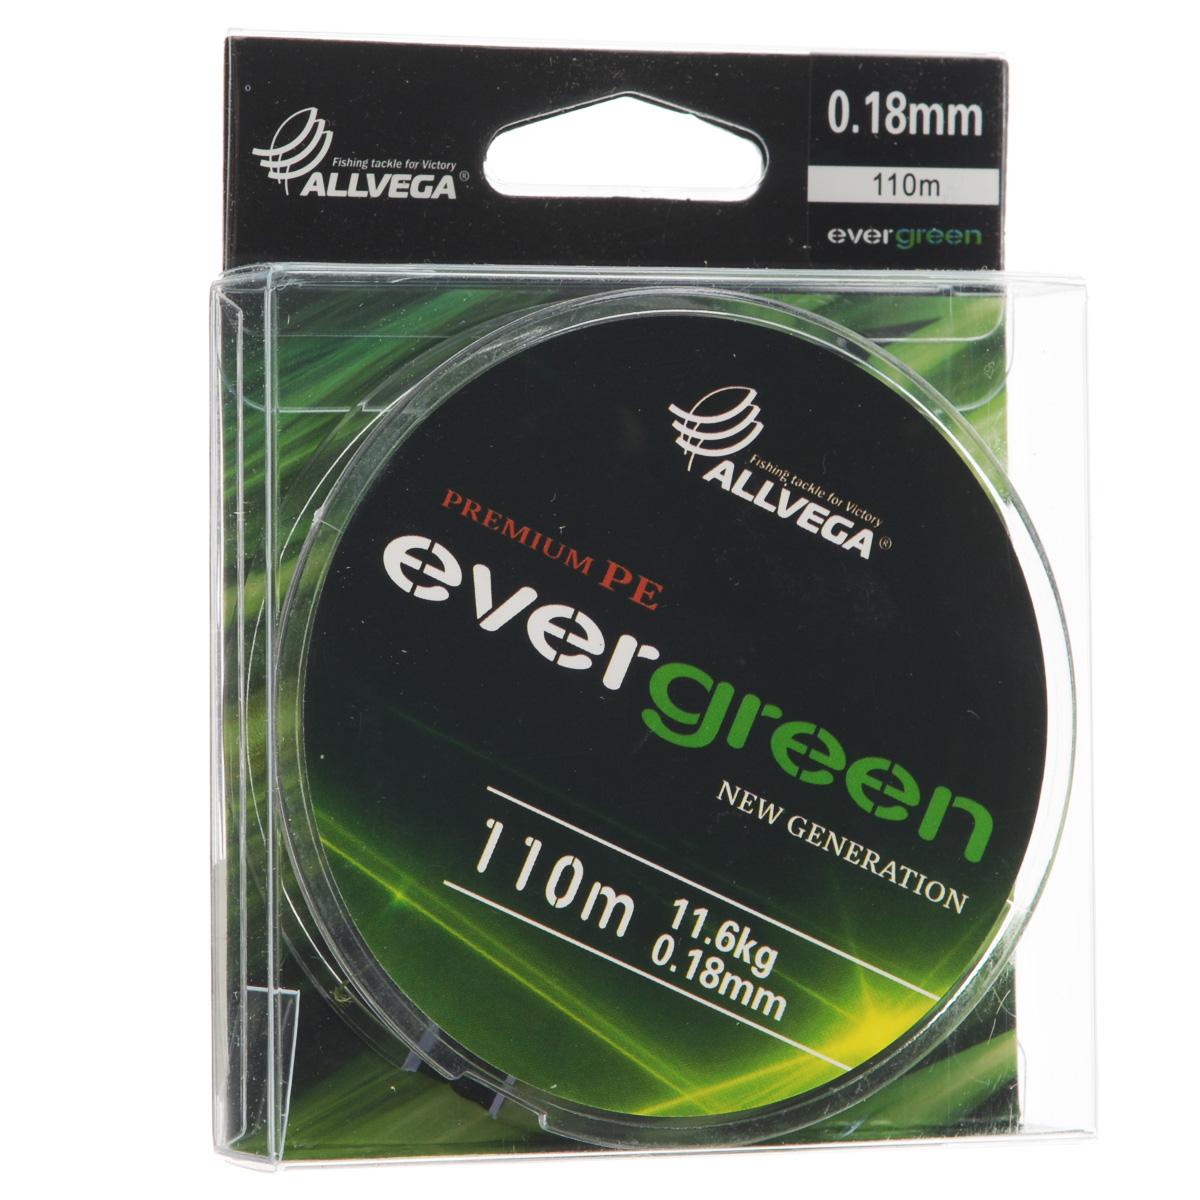 Леска плетеная Allvega Evergreen, цвет: темно-зеленый, 110 м, 0,18 мм, 11,6 кг